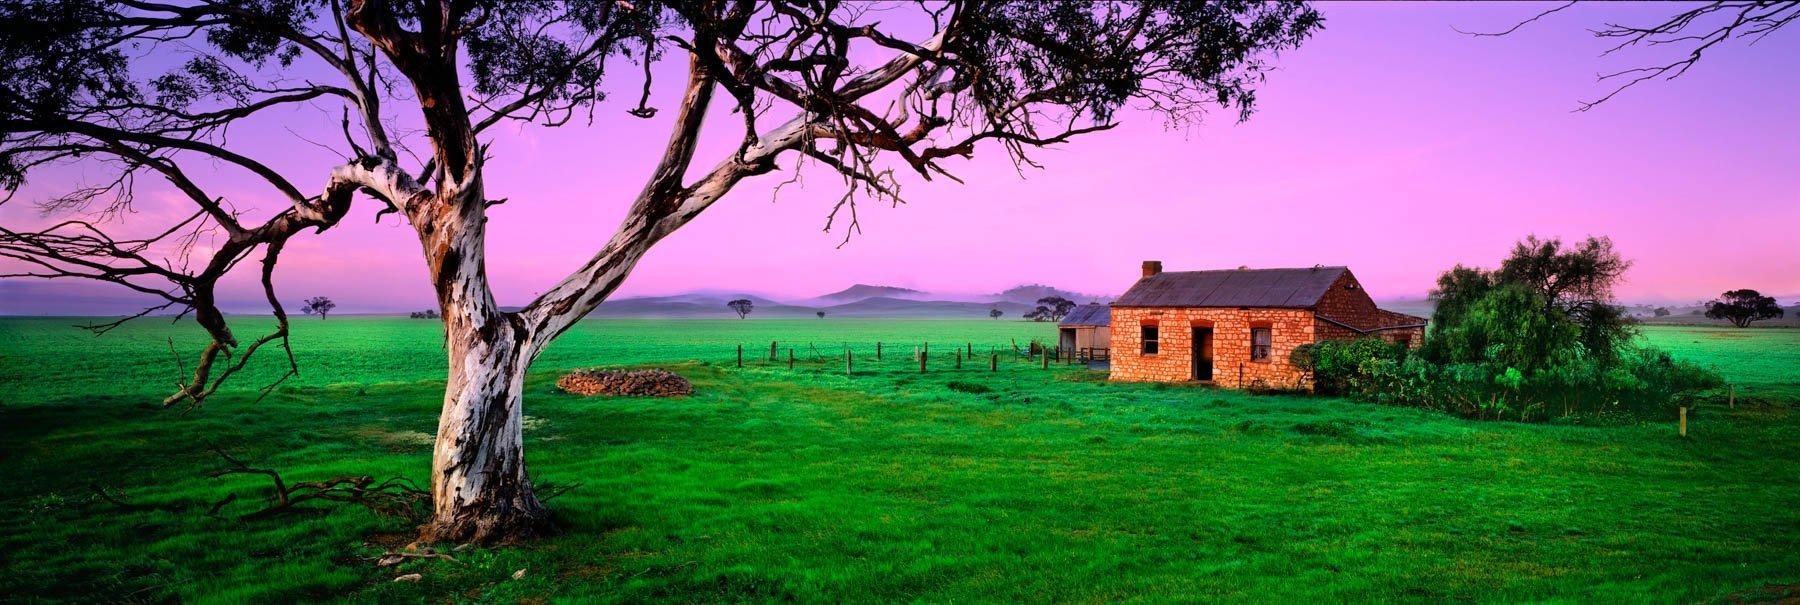 A glorious pink sunrise near Eudunda, SA, Australia.